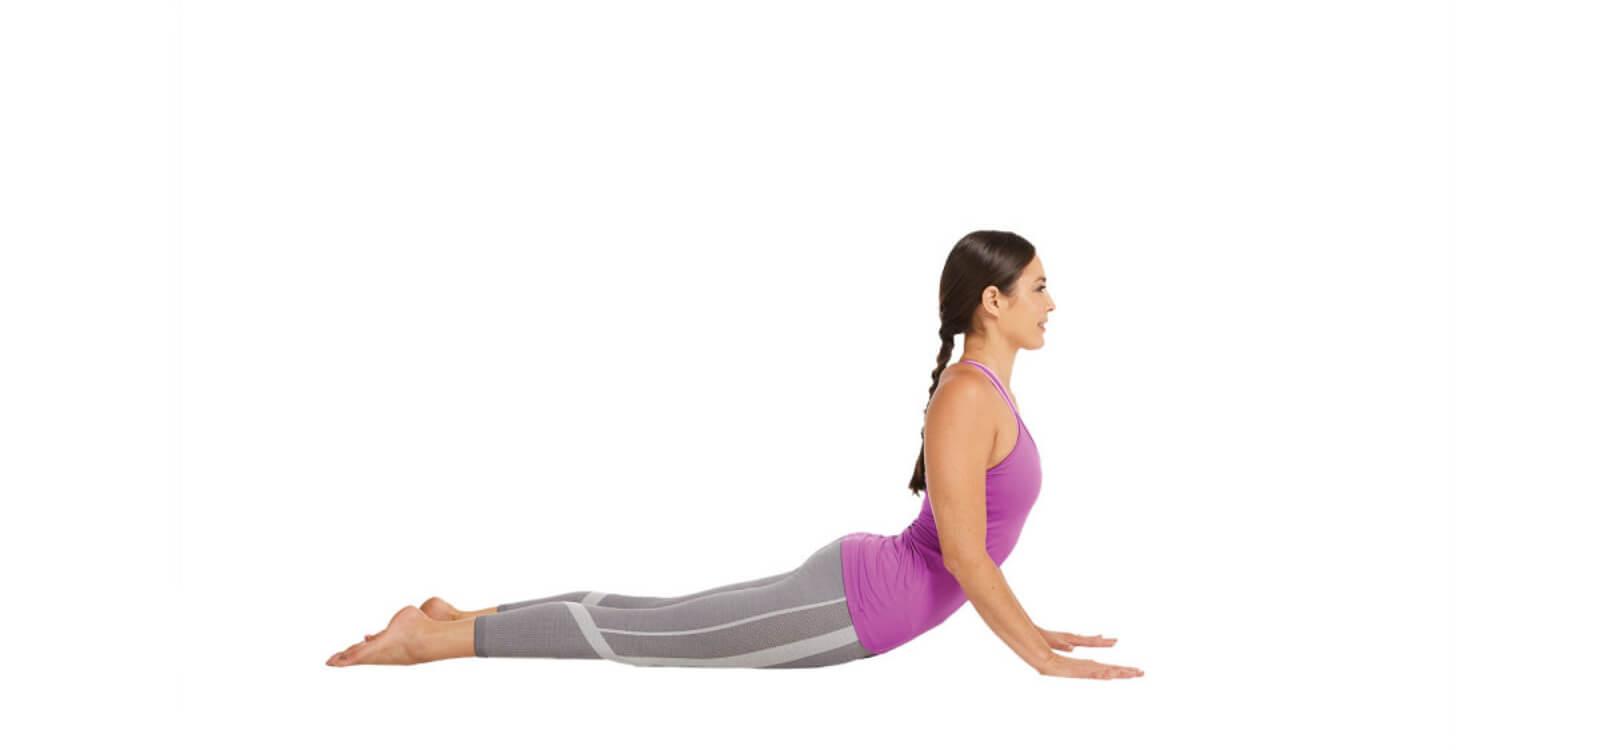 yoga routine for athletes